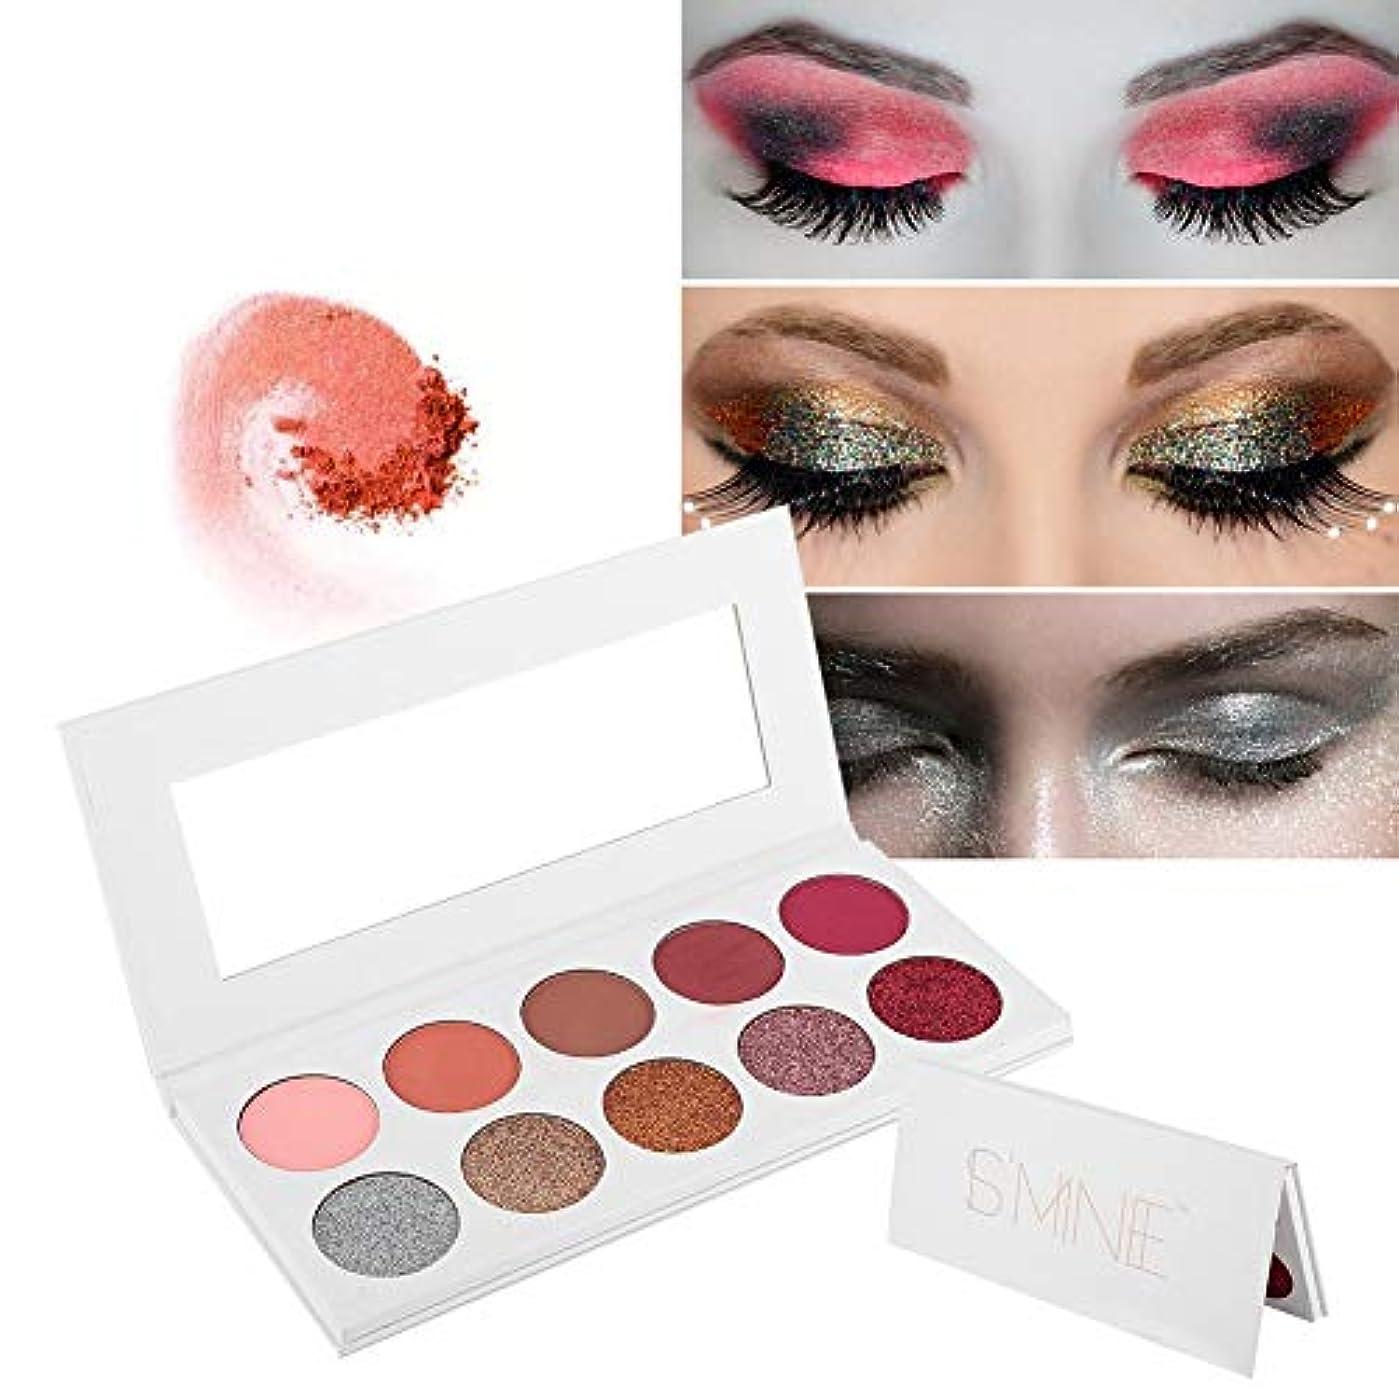 売り手対角線岩アイシャドウパレット アイシャドウパレット 10色 化粧マット グロス アイシャドウパウダー 化粧品ツール